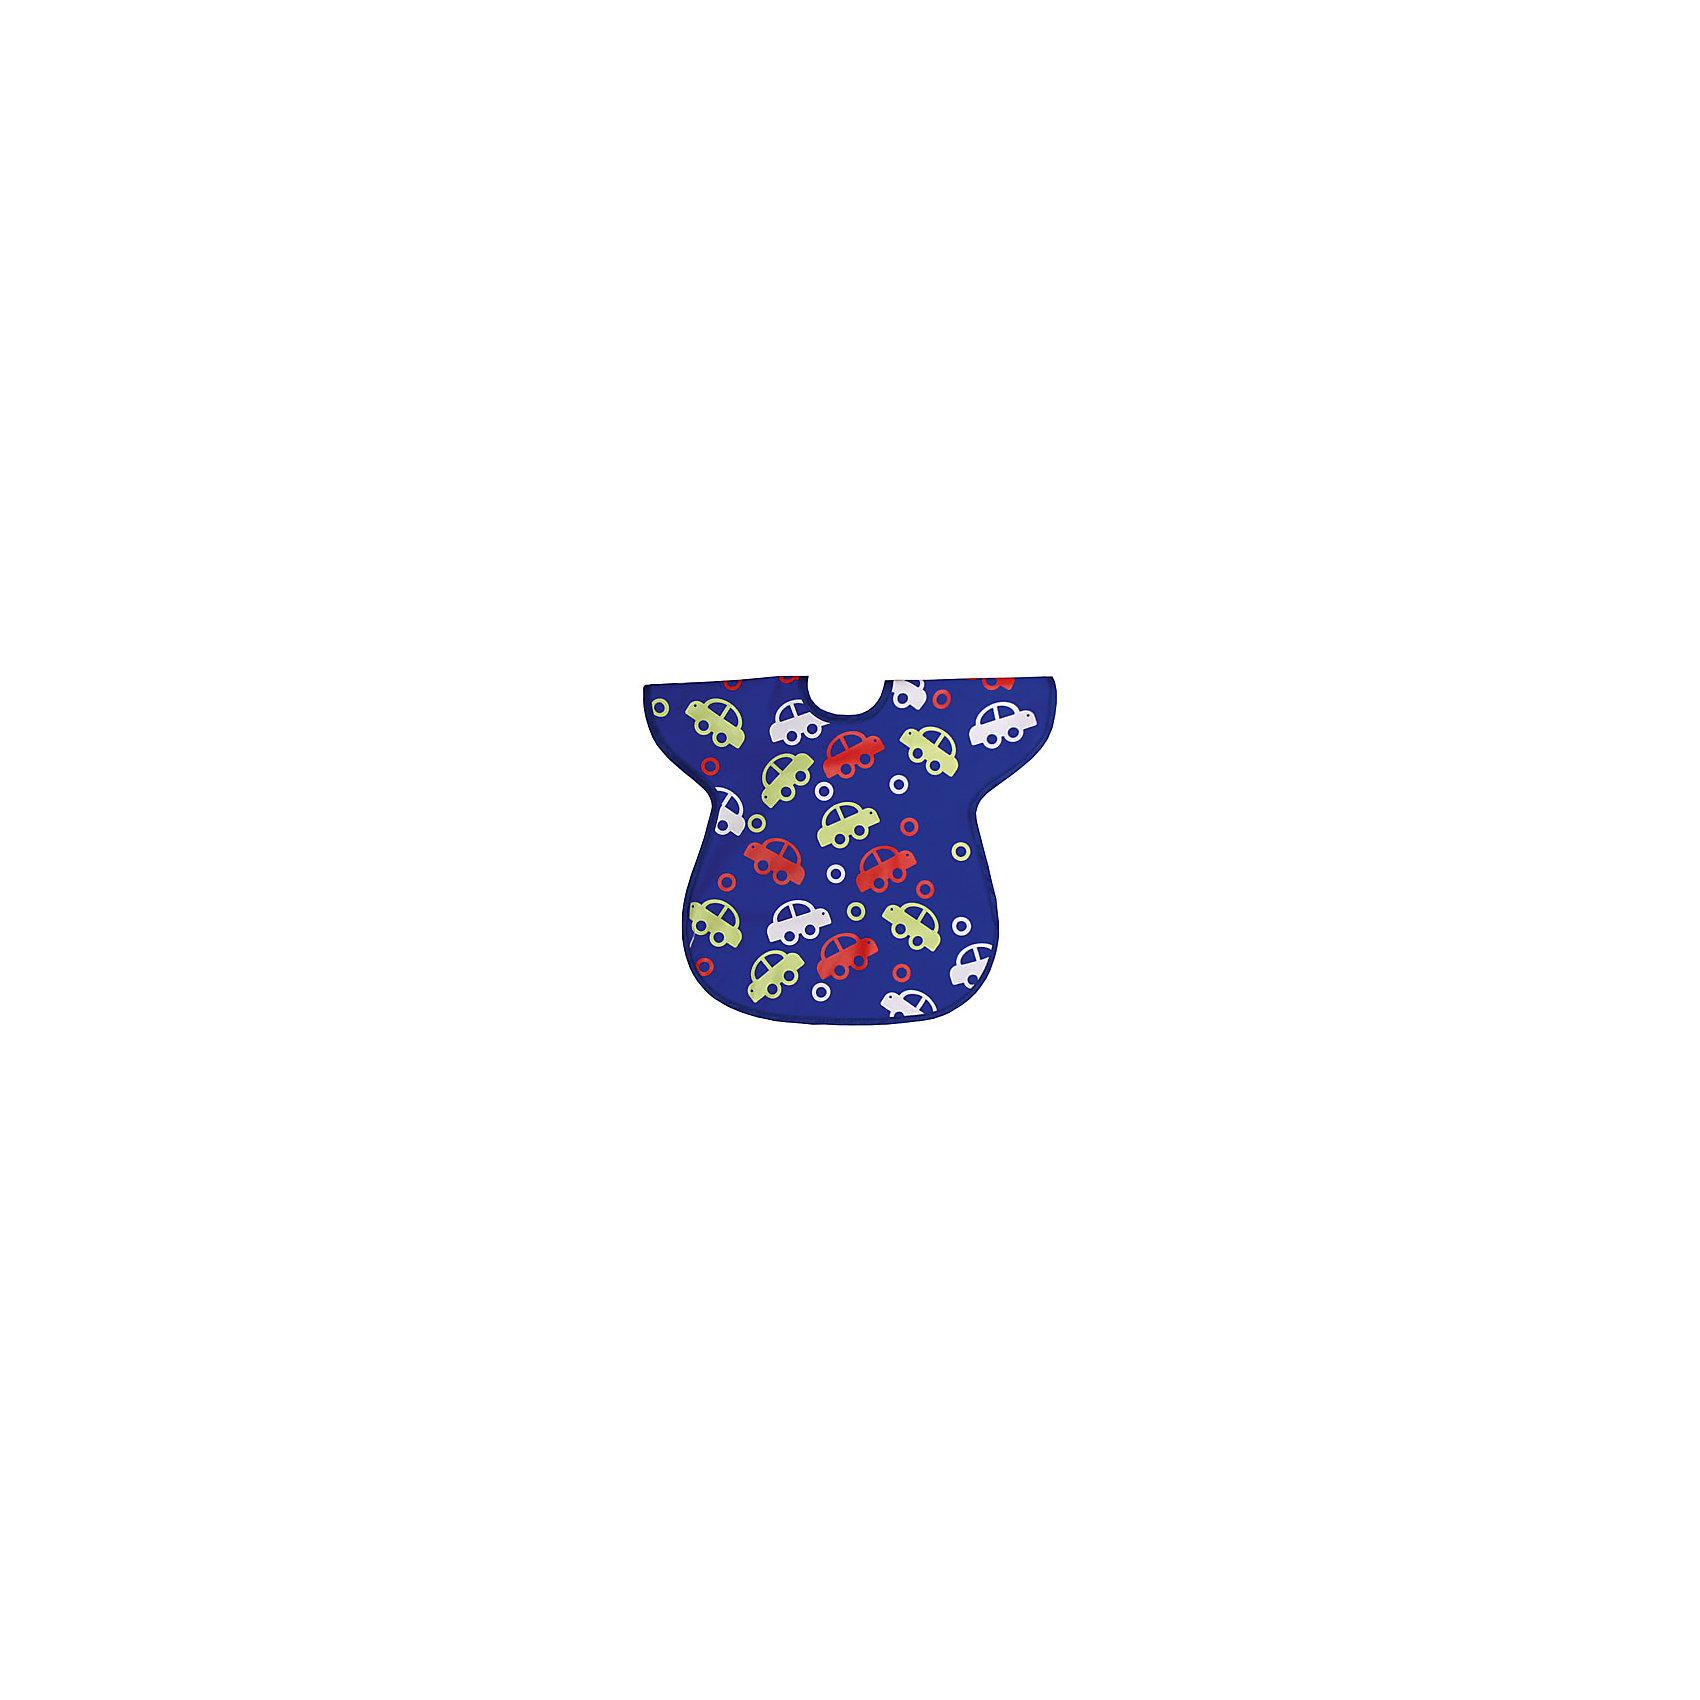 Нагрудник полиуретан с крылышками М, Sevi baby, синий 12-7 sevi babyНагрудник полиуретан с крылышками М, Sevi baby, синий 12-7 sevi baby – яркий нагрудник сохранит одежду малыша чистой во время еды.<br>Яркий удобный нагрудник прекрасно подойдет для кормления ребенка. Нагрудник не промокает, имеет практичный карман. Крылышки обеспечивают дополнительную защиту одежды. Застегивается на шее при помощи липучки. Нагрудник легко стирается вручную или в стиральной машине при температуре не выше 30 градусов. Не использовать сушку в стиральной машине. Не гладить.<br><br>Дополнительная информация:<br><br>- Возраст: от 6 месяцев до 2 лет<br>- Размер: М<br>- Цвет: синий<br>- Материал: полиуретан<br>- Размер упаковки: 36 х 24 х 5 см.<br><br>Нагрудник полиуретан с крылышками М, Sevi baby, синий 12-7 sevi baby можно купить в нашем интернет-магазине.<br><br>Ширина мм: 420<br>Глубина мм: 380<br>Высота мм: 50<br>Вес г: 50<br>Цвет: синий<br>Возраст от месяцев: 6<br>Возраст до месяцев: 24<br>Пол: Мужской<br>Возраст: Детский<br>SKU: 4236869